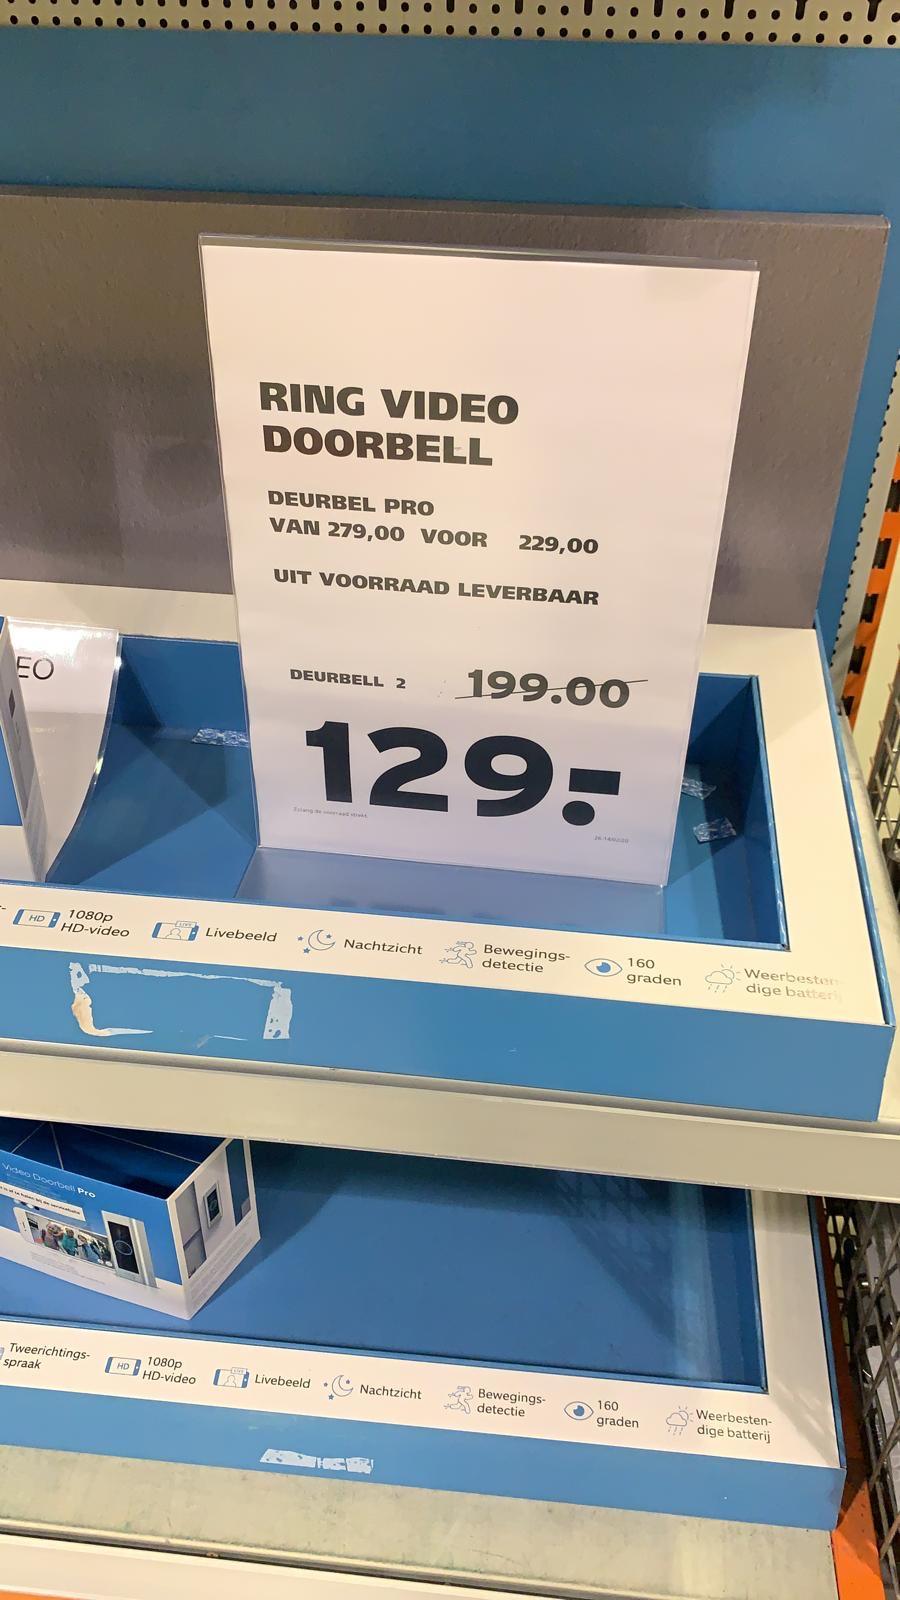 [Lokaal] Gamma Delft Ring 2 video doorbell €129